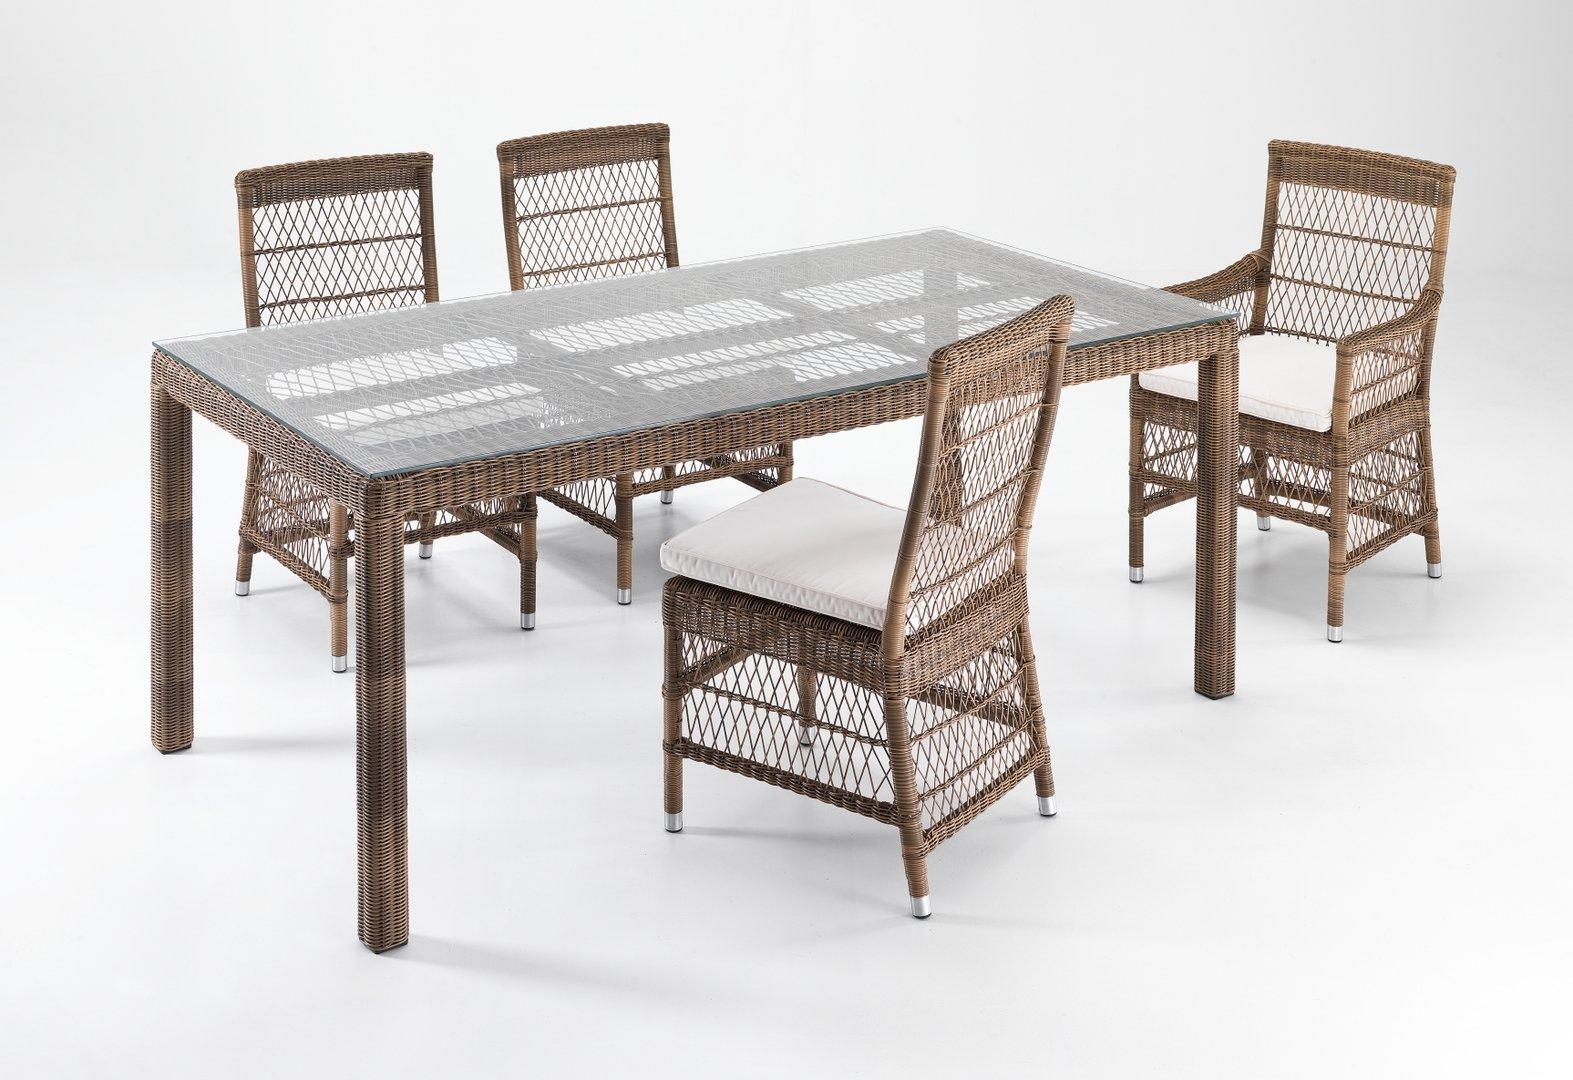 Tavolo rettangolare rattan sintetico etnico outlet mobili etnici - Tavolo in rattan da giardino ...